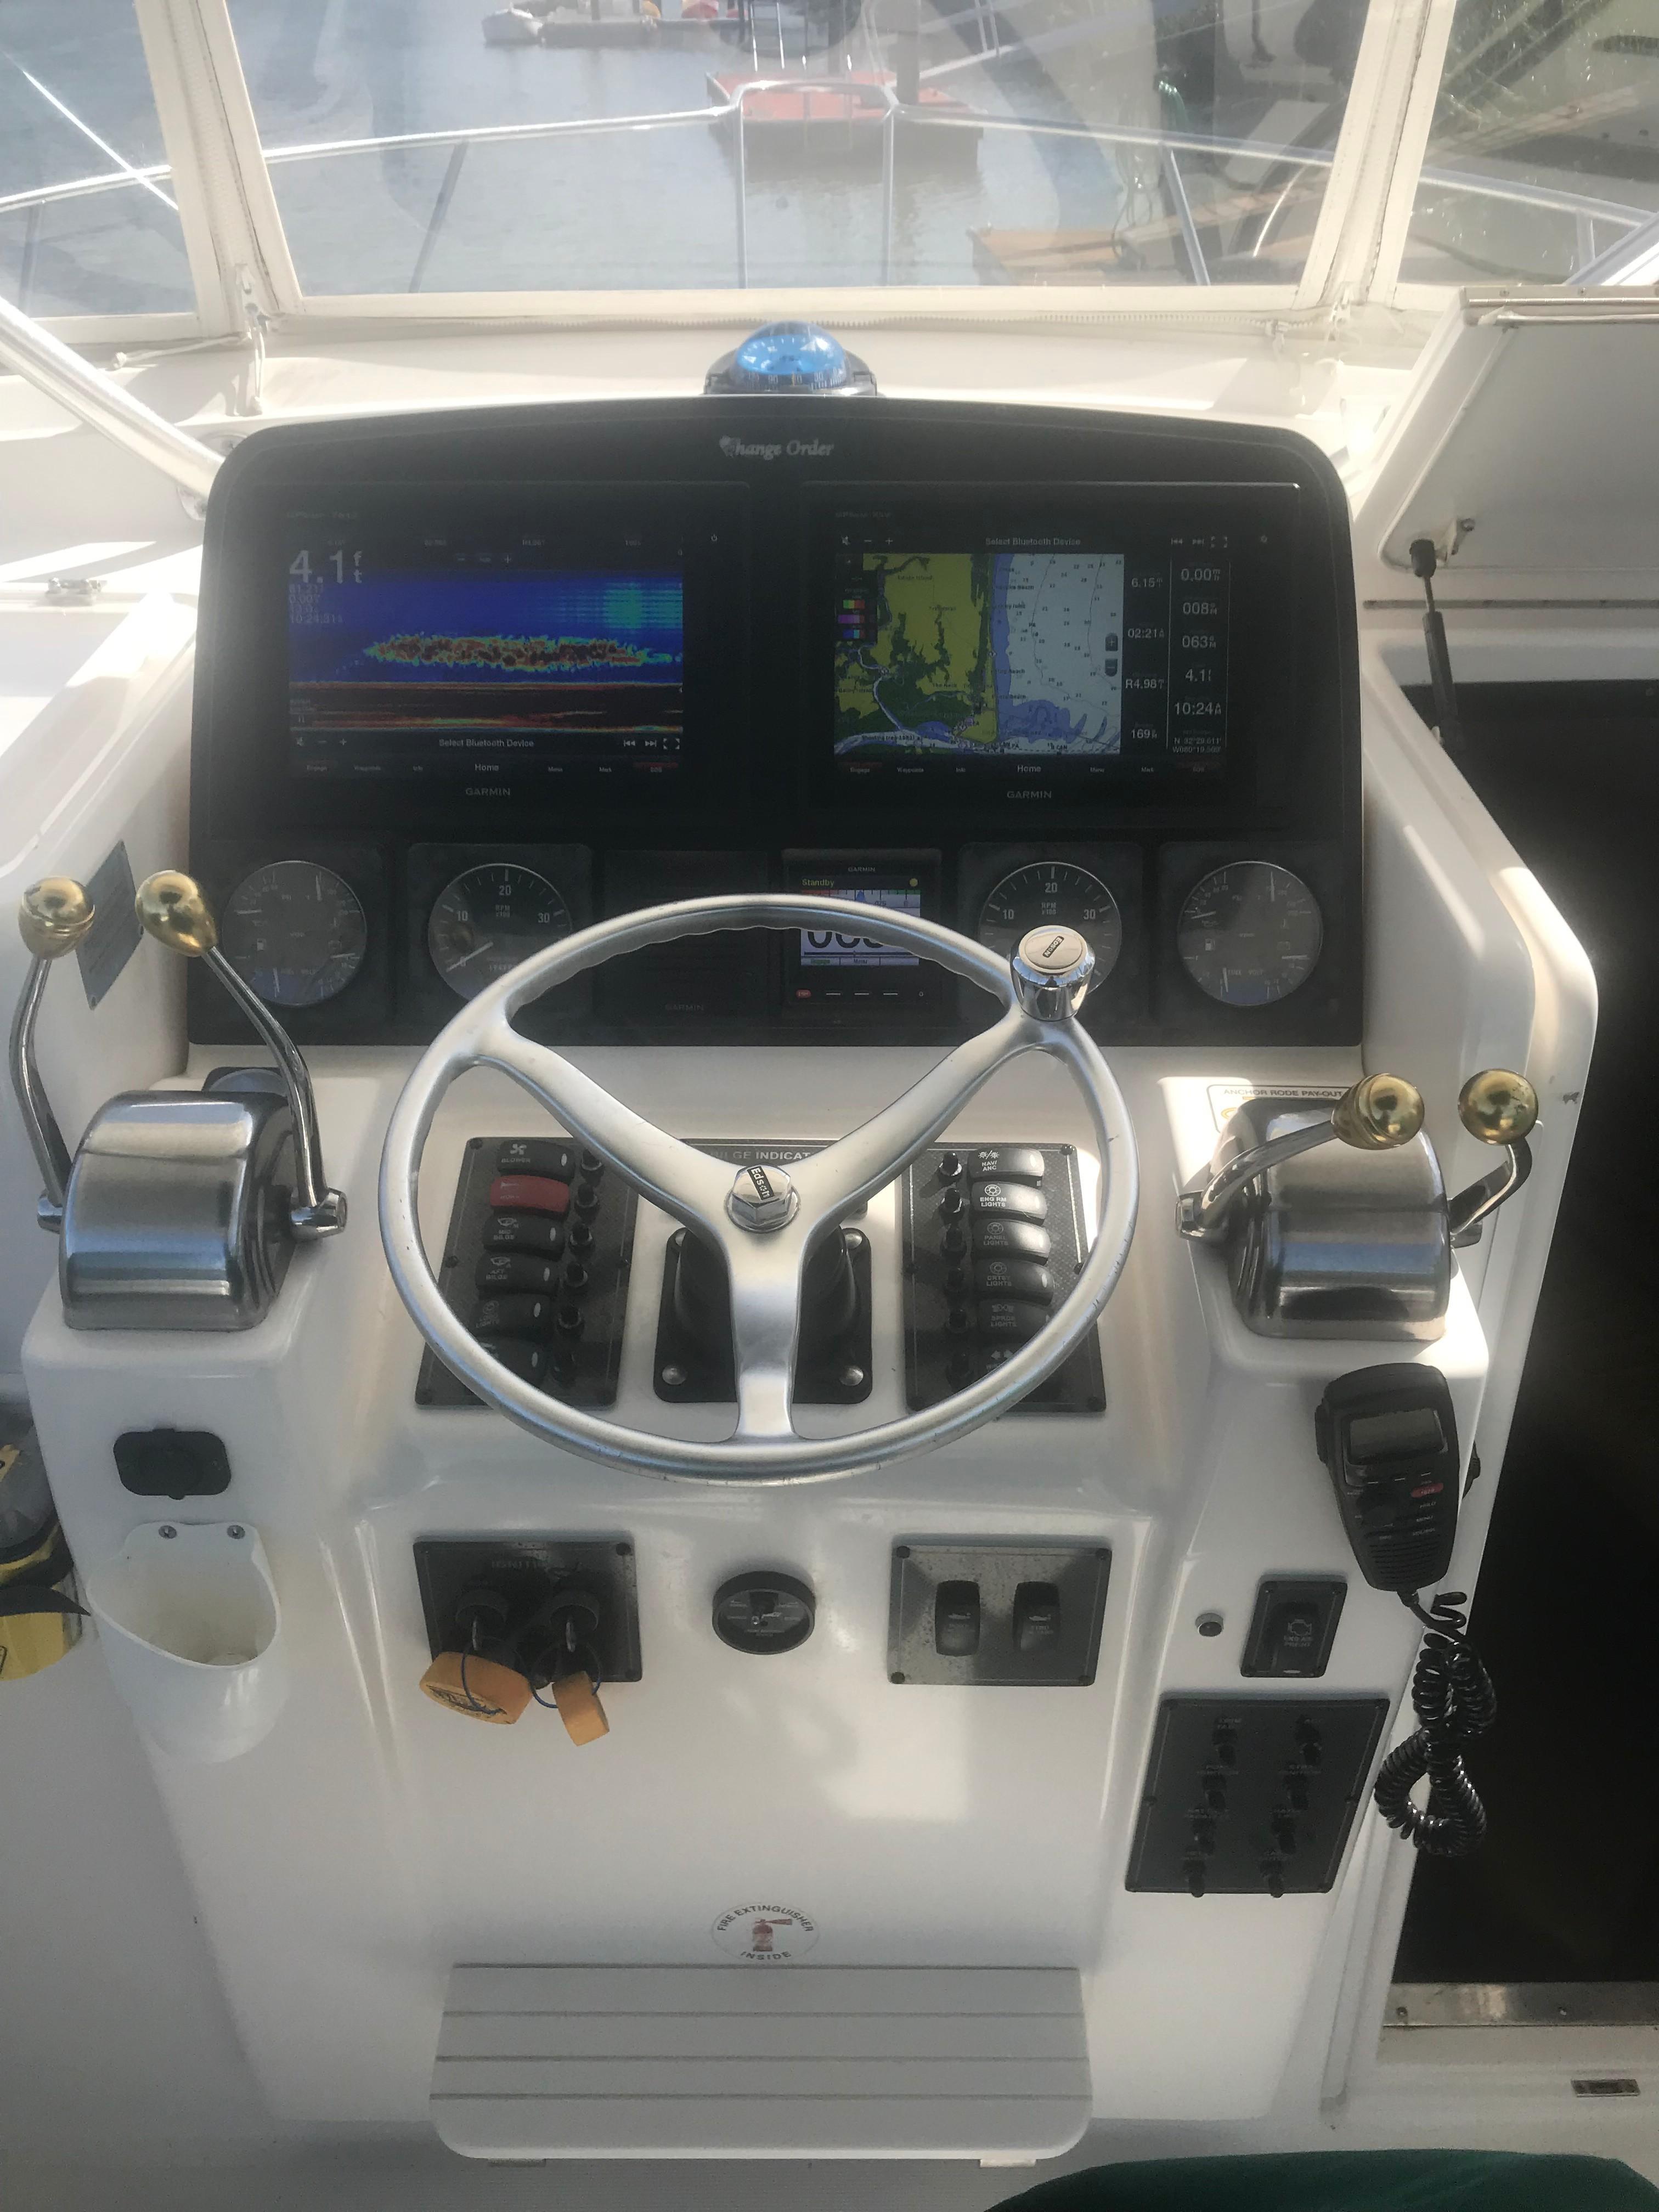 Pursuit 3000 Offshore - Fresh Garmin Electronics